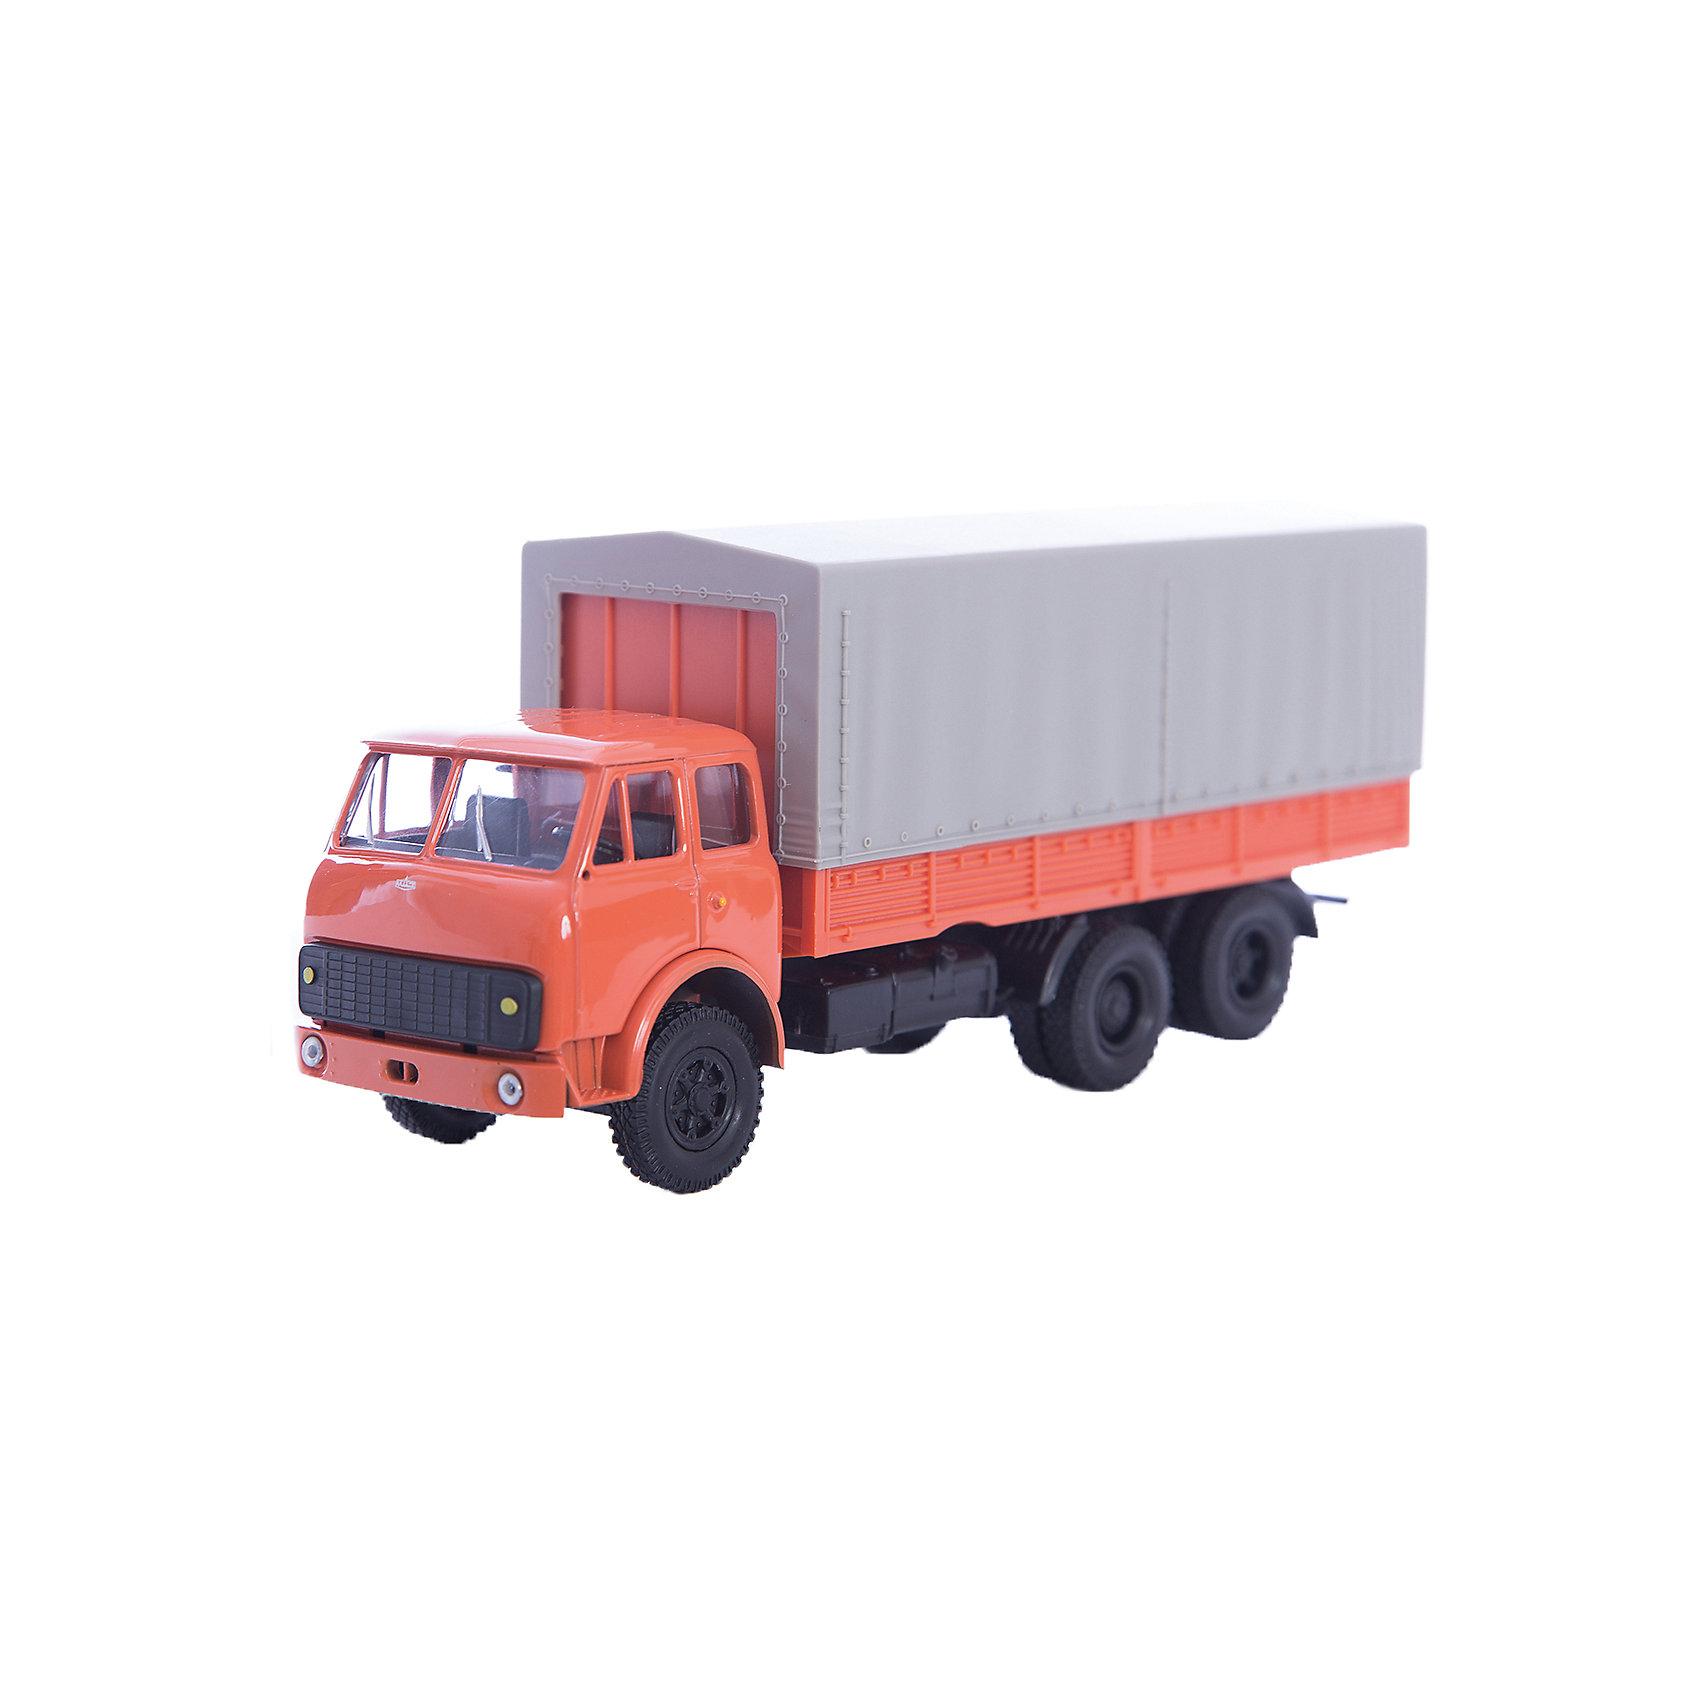 Машинка MAZ-516 гражданского назначения, AutotimeМашинки<br>Характеристики товара:<br><br>• цвет: красный<br>• материал: металл, пластик<br>• длина: 20 см<br>• размер упаковки: 22х7х17 см<br>• вес: 100 г<br>• масштаб: 1:43<br>• хорошая детализация<br>• вращаются колеса<br>• коллекционная<br>• страна бренда: Россия<br>• страна производства: Китай<br><br>Коллекционная модель машины - это уменьшенная копия грузовика. Данная модель выполнена с тщательной детализацией и представлена в масштабе 1:43. Кабина грузовика окрашена в характерный цвет. <br>Машинка может выполнять сразу несколько функций: развлекать ребенка, помогать вырабатывать практические качества: ловкость, координацию, мелкую моторику. Также в процессе увлекательной игры развивается фантазия ребенка. Изделие выполнено из сертифицированных материалов, безопасных для детей. Машинка стимулирует двигательную активность ребенка, дает представление об устройстве автомобиля. Эта модель станет отличным подарком как отдельная игрушка, а также может пополнить коллекцию юного ценителя техники.<br><br>Машинку MAZ-516 гражданского назначения от бренда AUTOTIME можно купить в нашем интернет-магазине.<br><br>Ширина мм: 250<br>Глубина мм: 95<br>Высота мм: 110<br>Вес г: 25<br>Возраст от месяцев: 36<br>Возраст до месяцев: 2147483647<br>Пол: Мужской<br>Возраст: Детский<br>SKU: 5584004